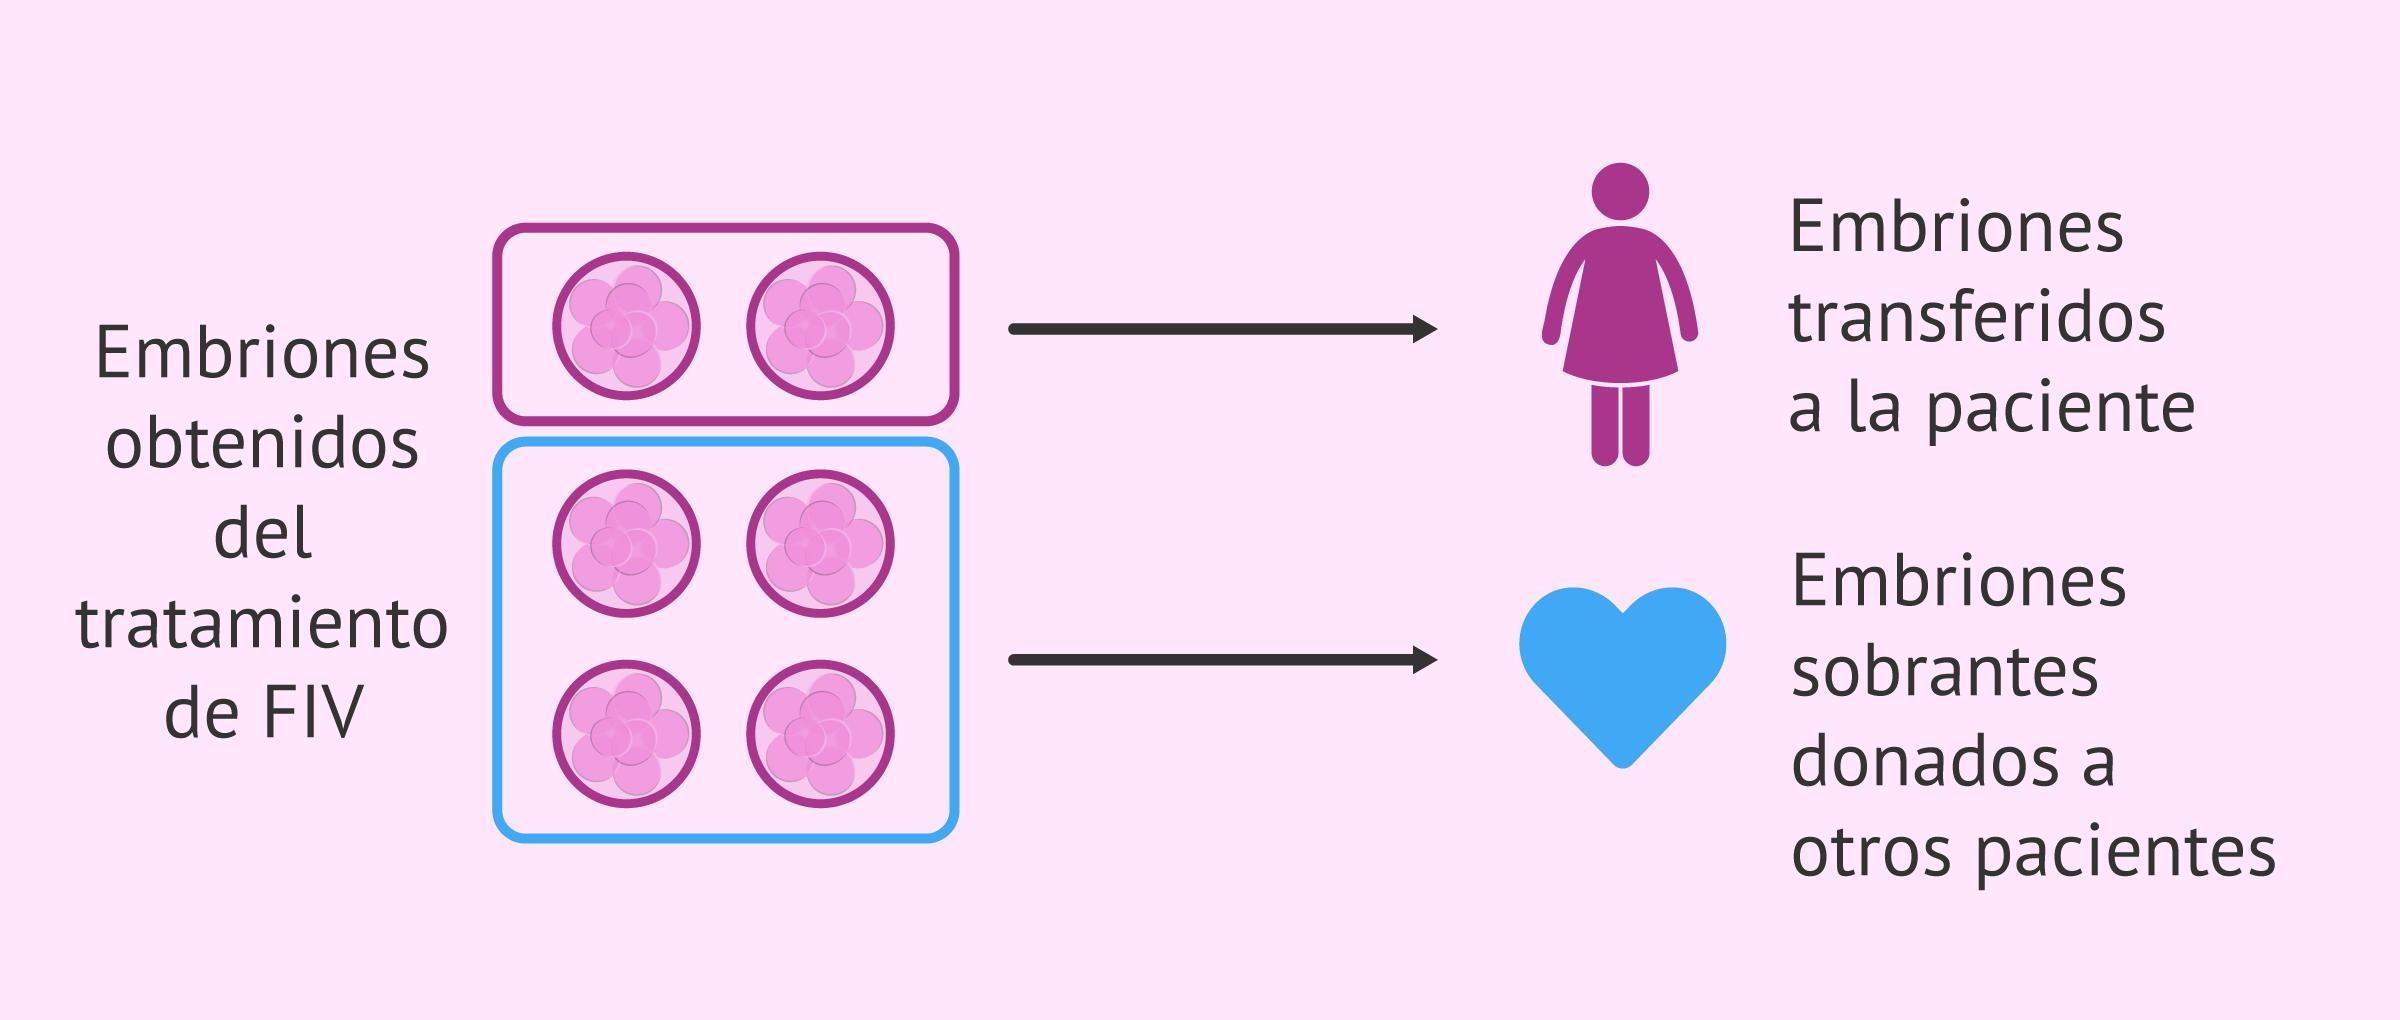 Embriones sobrantes de la FIV donados